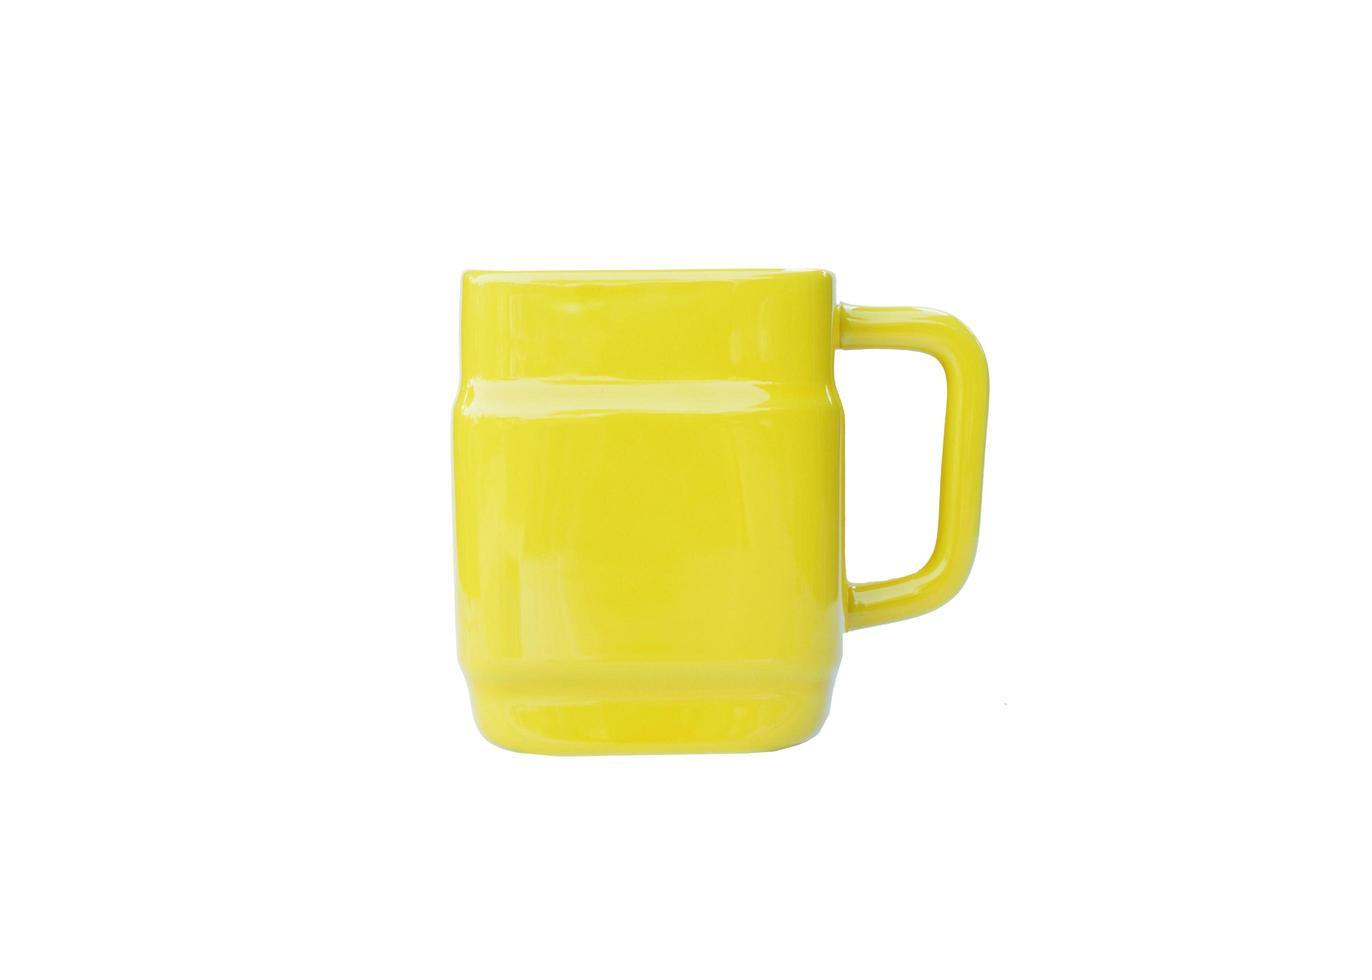 gele kopjes geïsoleerd op een witte achtergrond bevatten uitknippad foto